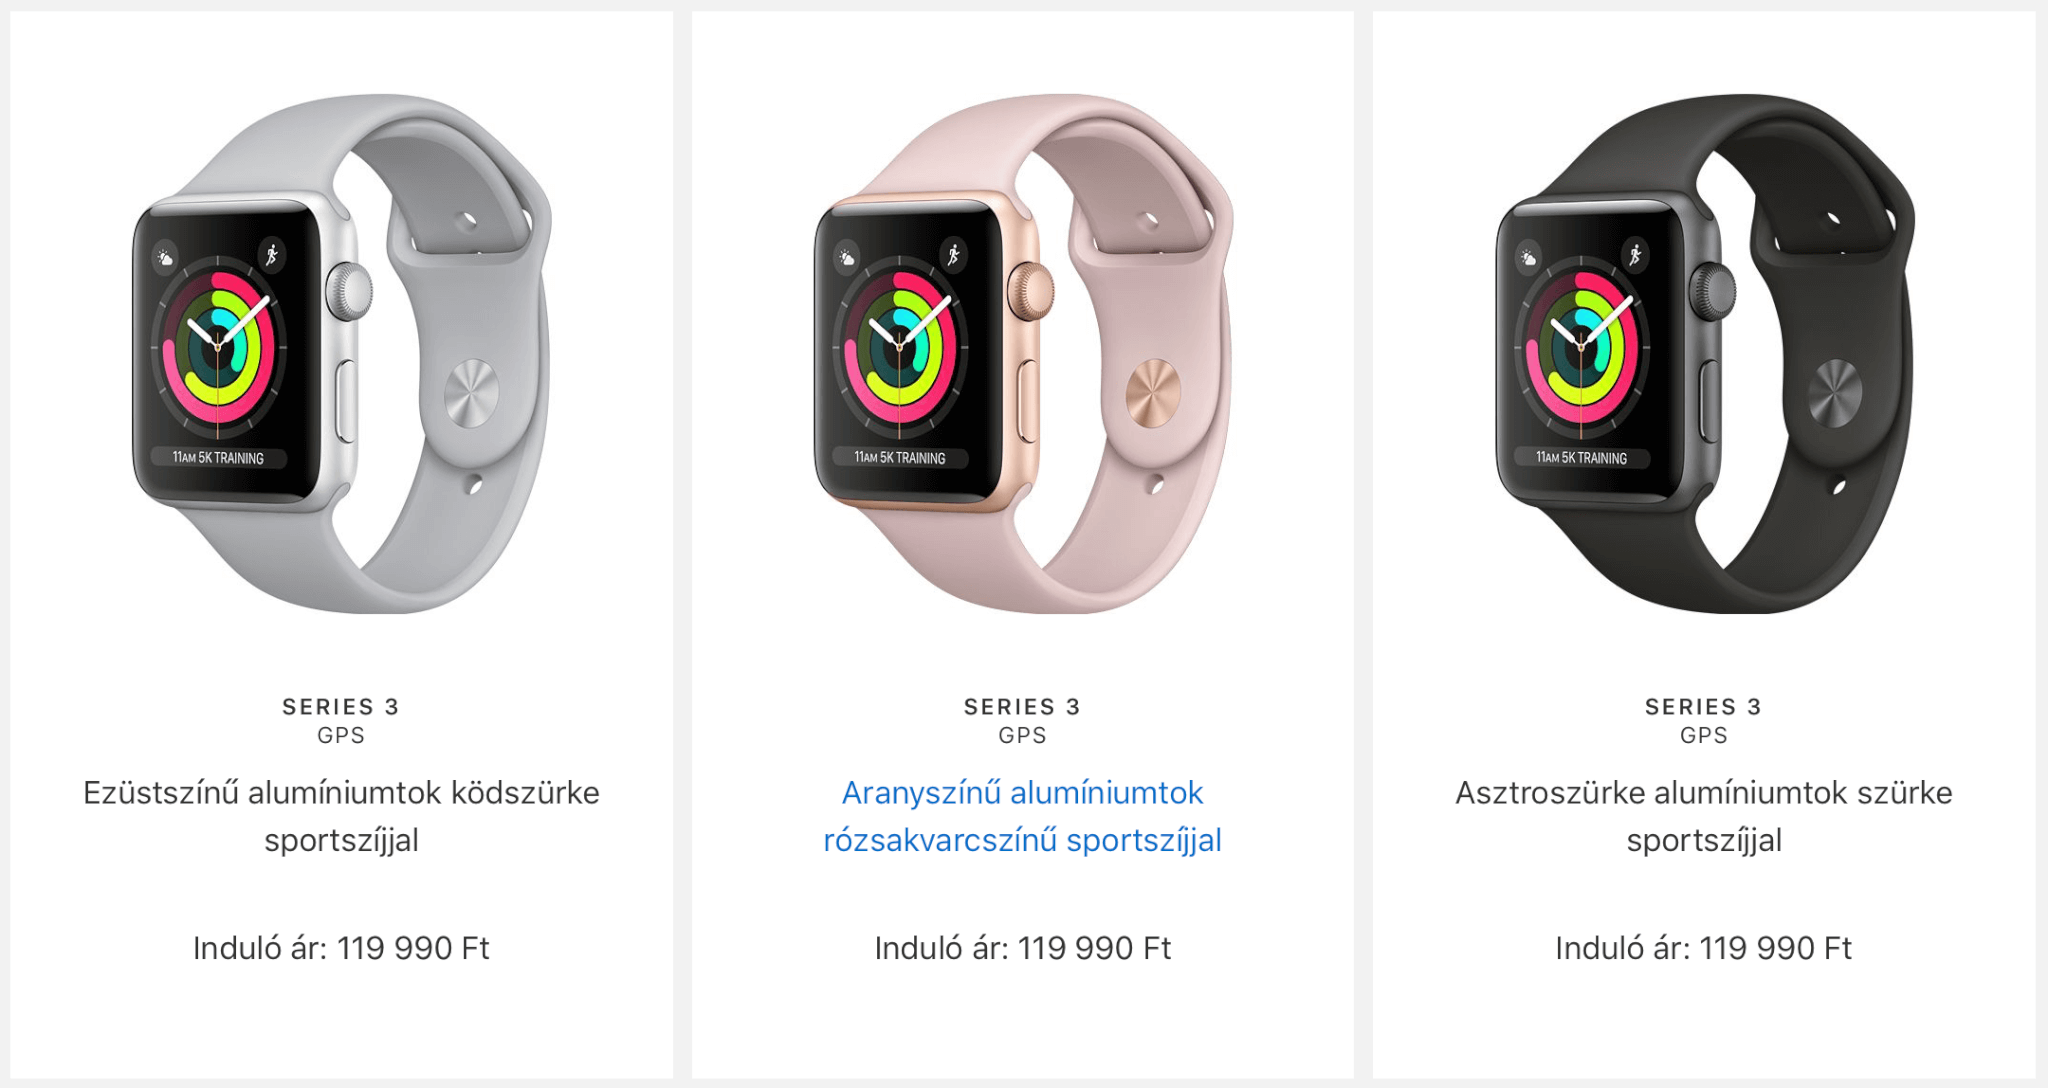 Kipróbáltuk az LTE Apple Watch Series 3-at – vélemény - Szifon.com 5ac5f3559a